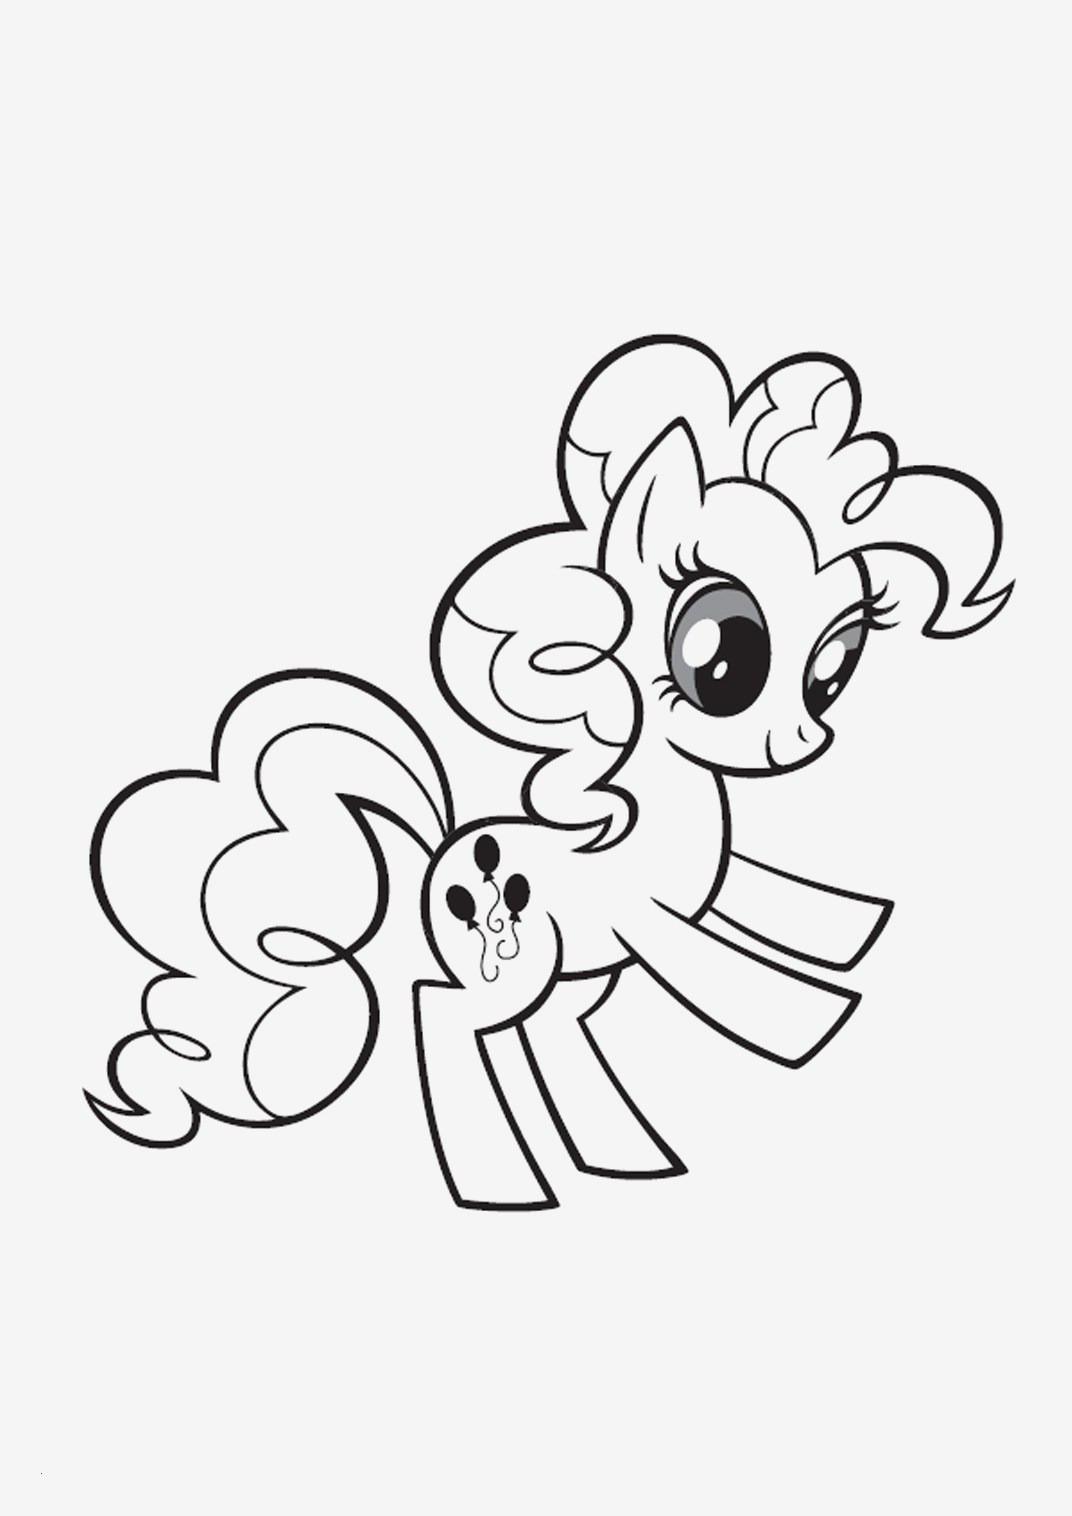 My Little Pony Rainbow Dash Ausmalbilder Frisch Beispielbilder Färben Ausmalbilder My Little Pony Einzigartig Bild